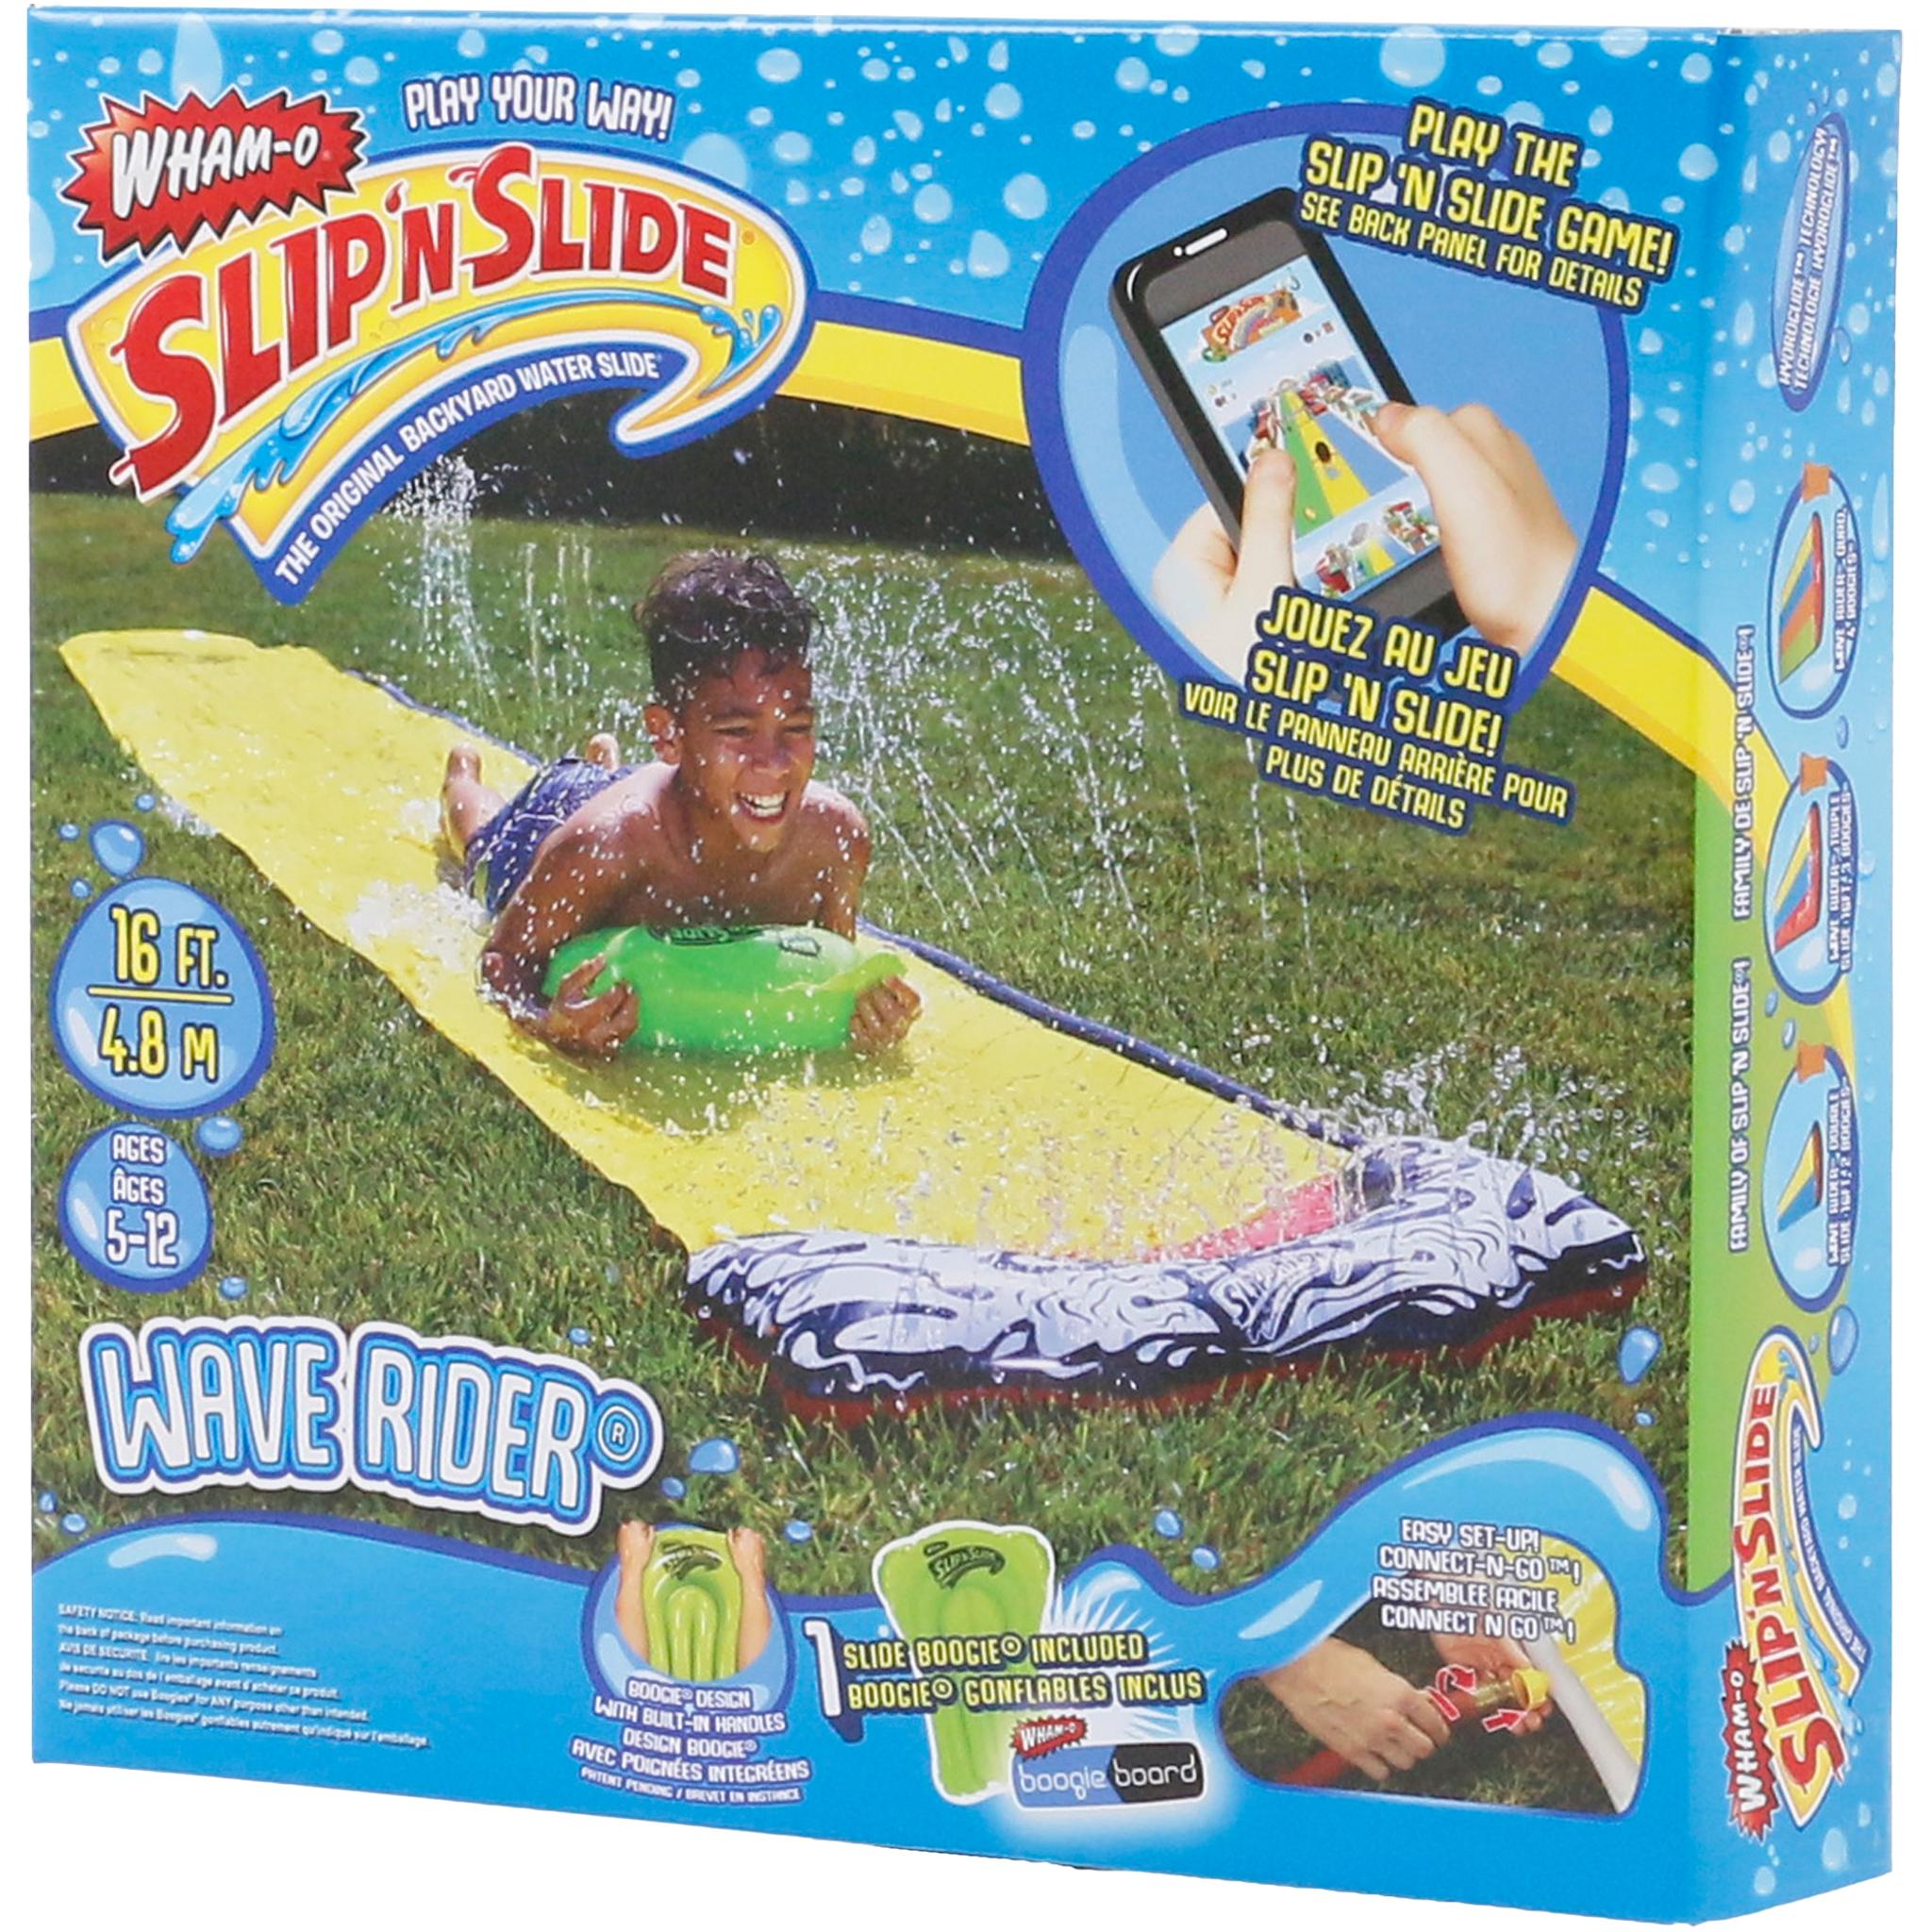 WHAM-O Slip N Slide Waterslide Single, vannbane